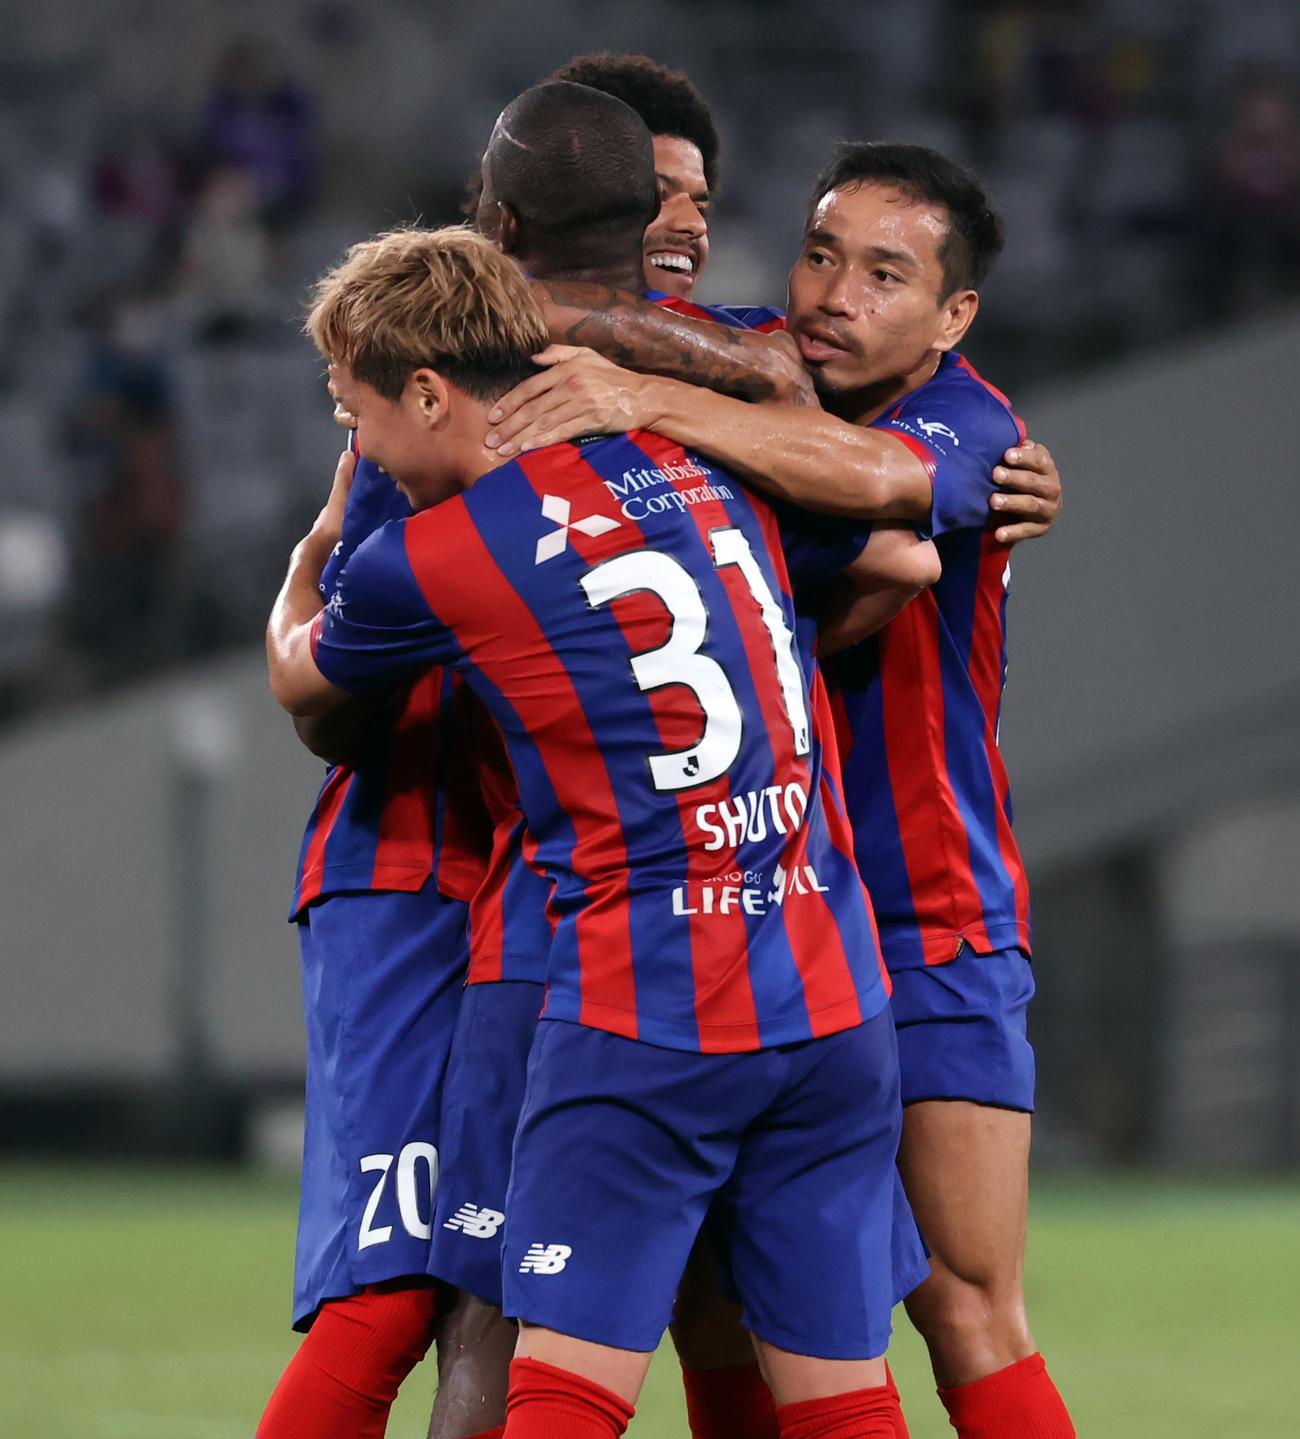 22日の名古屋戦前半、先制ゴールを決めた東京アダイウトン(左から2人目)を抱擁で祝福する長友(右)ら